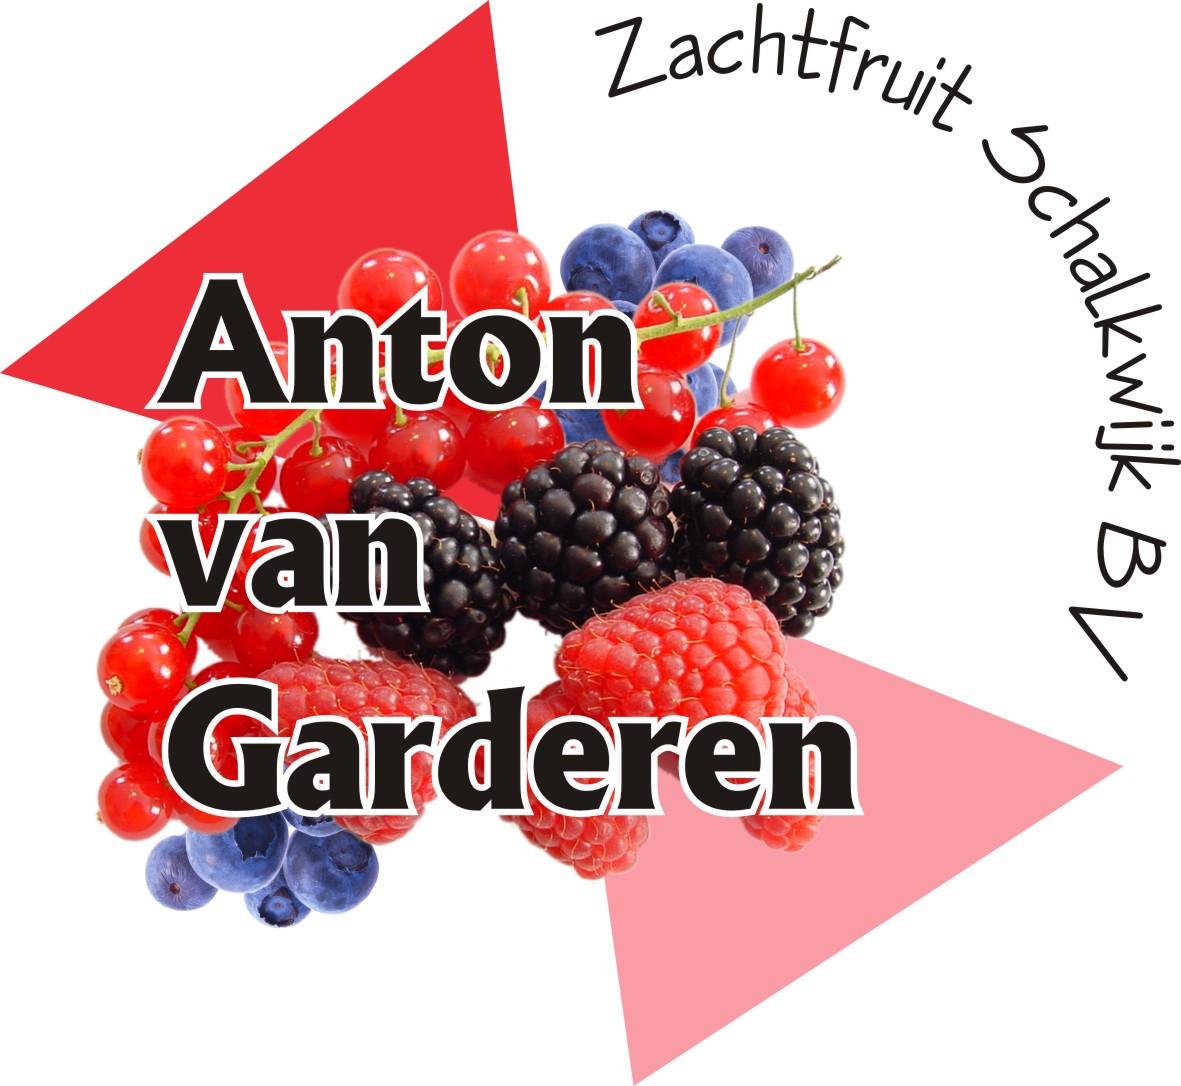 Zachtfruit Schalkwijk B.V.